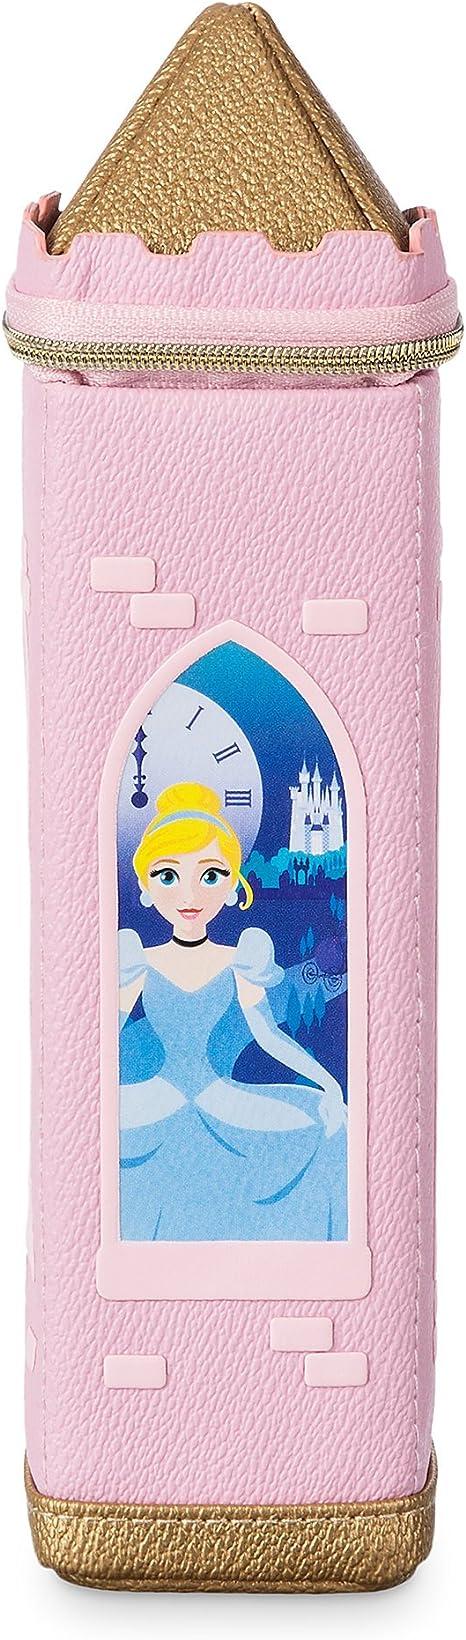 Estuche de princesas Disney: Amazon.es: Juguetes y juegos